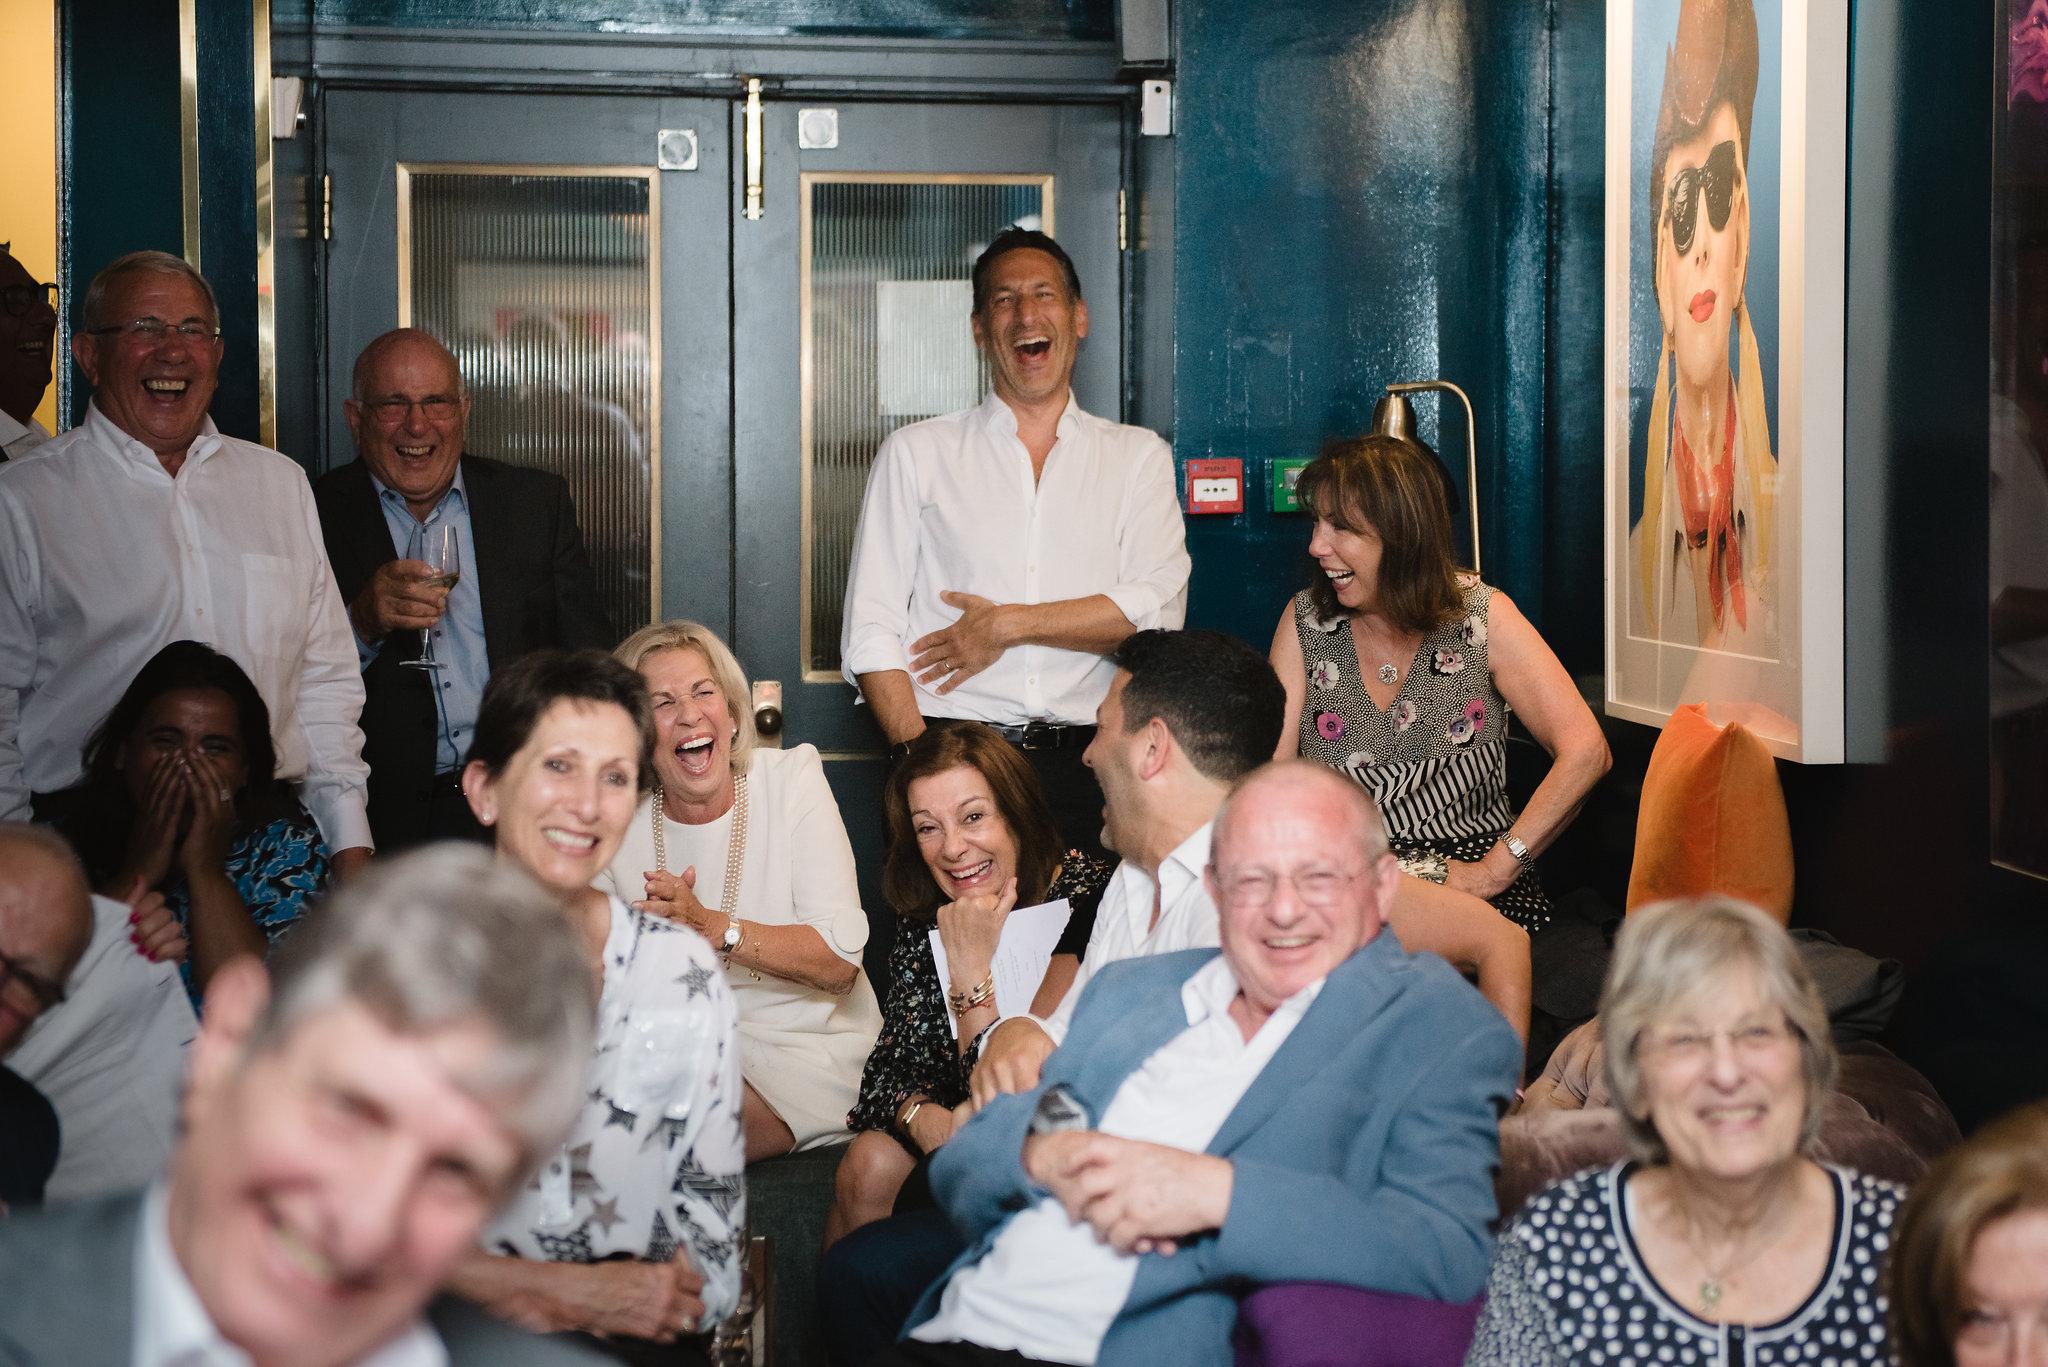 Old_Marylebone_Town_Hall_Groucho_Club_Wedding_122.jpg